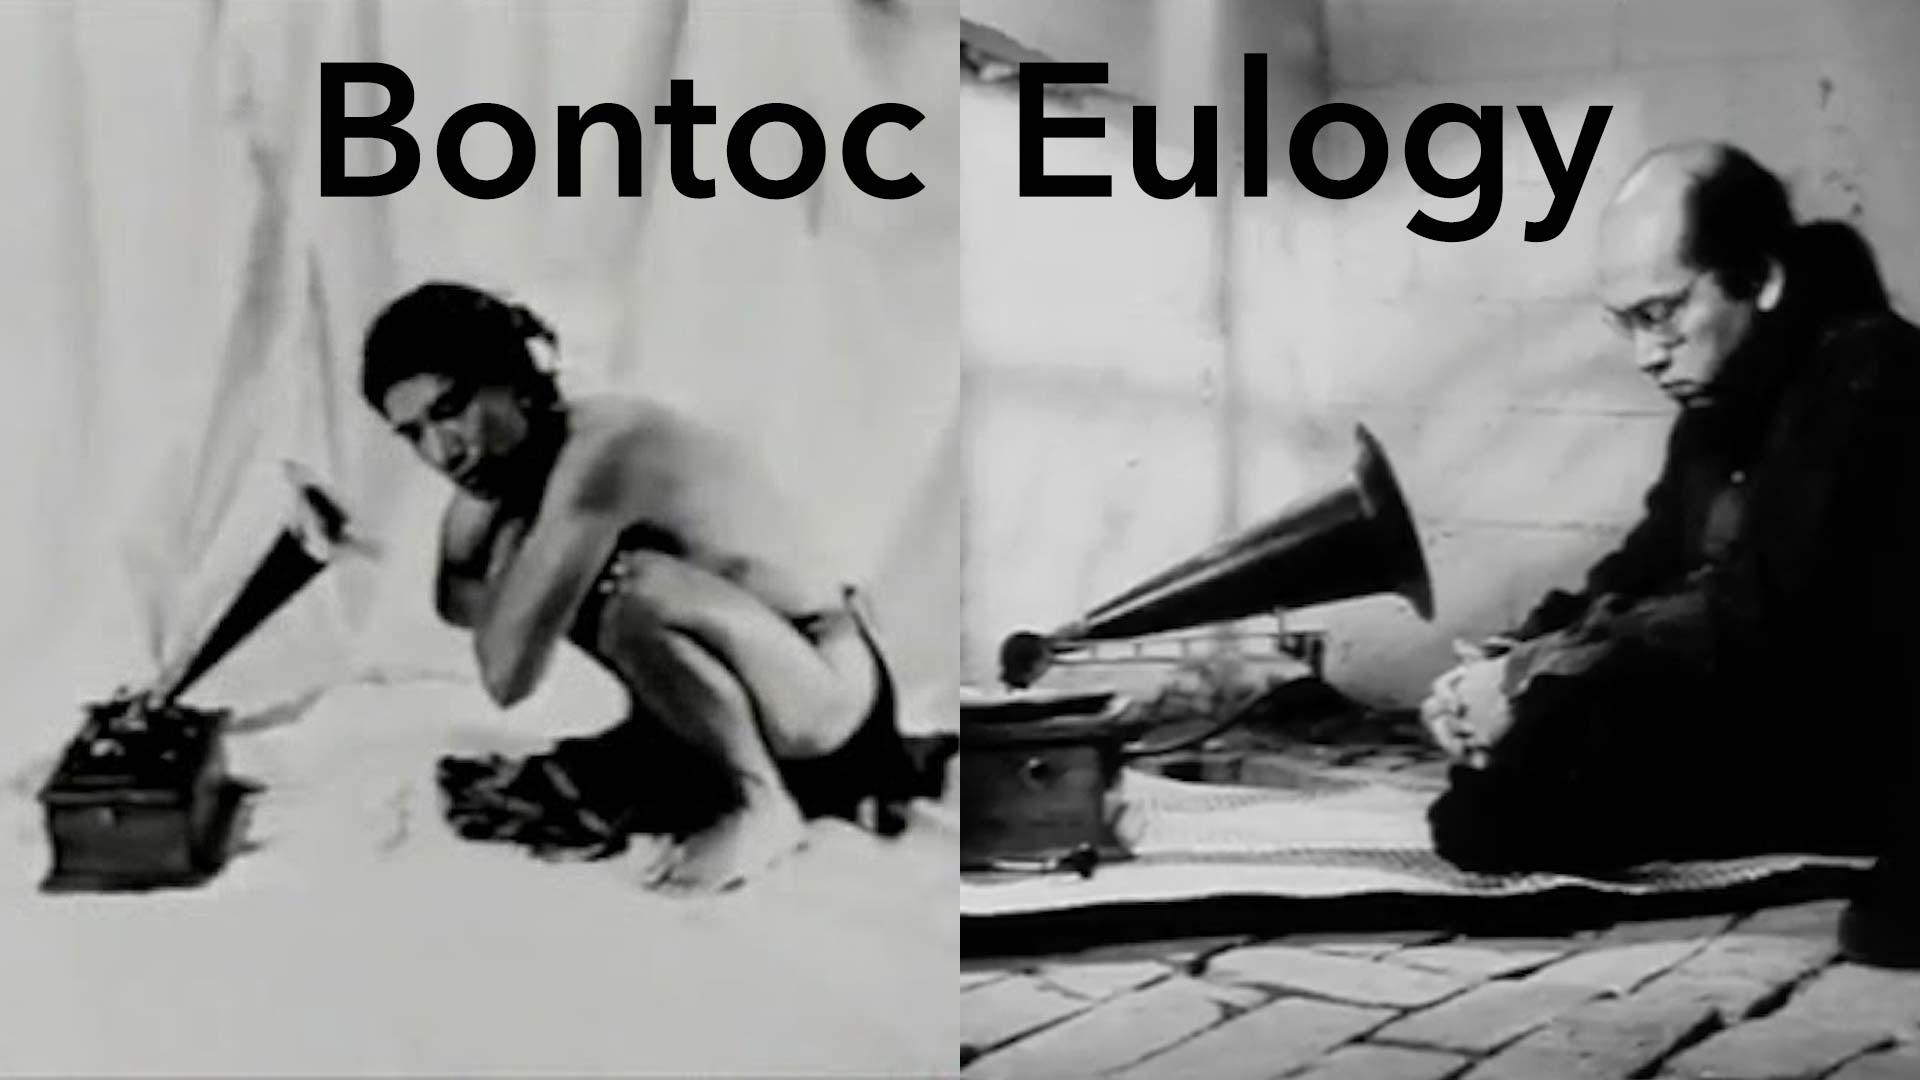 Bontoc Eulogy - image